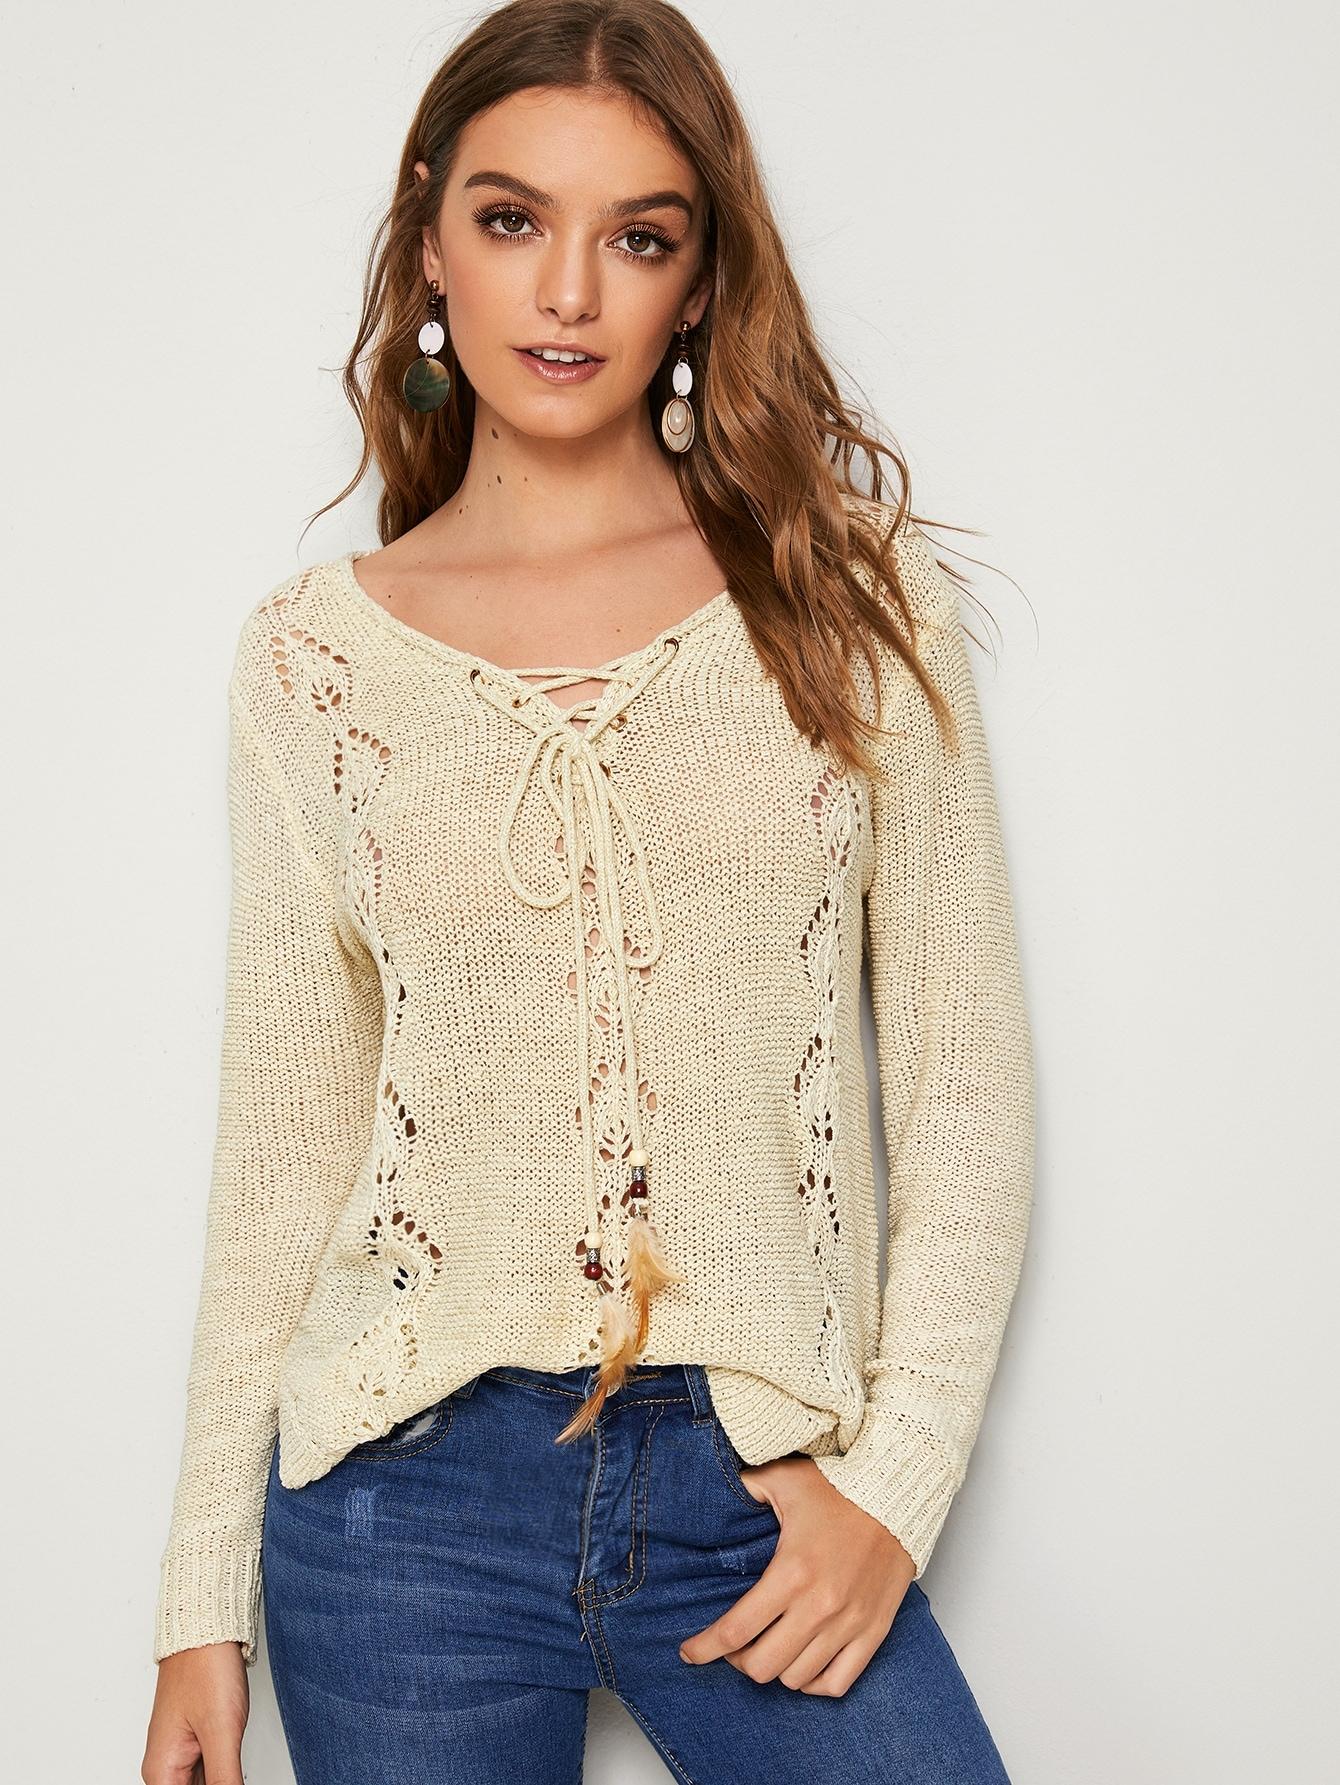 Фото - Асимметричный свитер с кулиской и разрезом сбоку от SheIn бежевого цвета